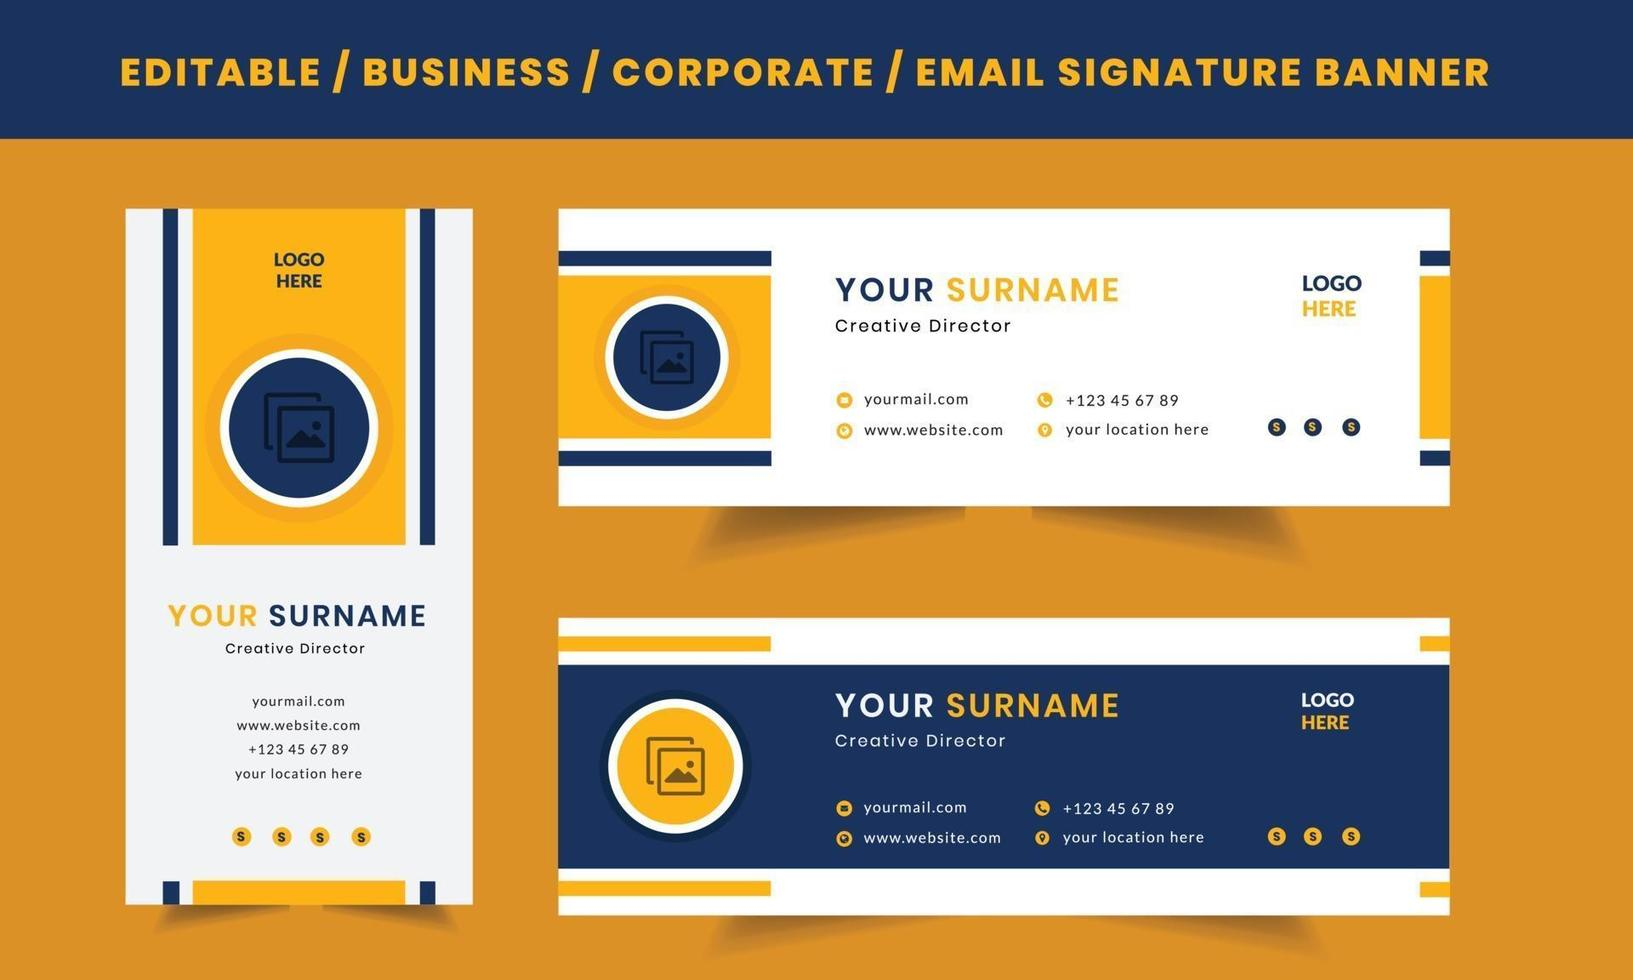 sjabloon voor e-mailhandtekening, lay-out voor zakelijke professionele e-mailontwerpen vector